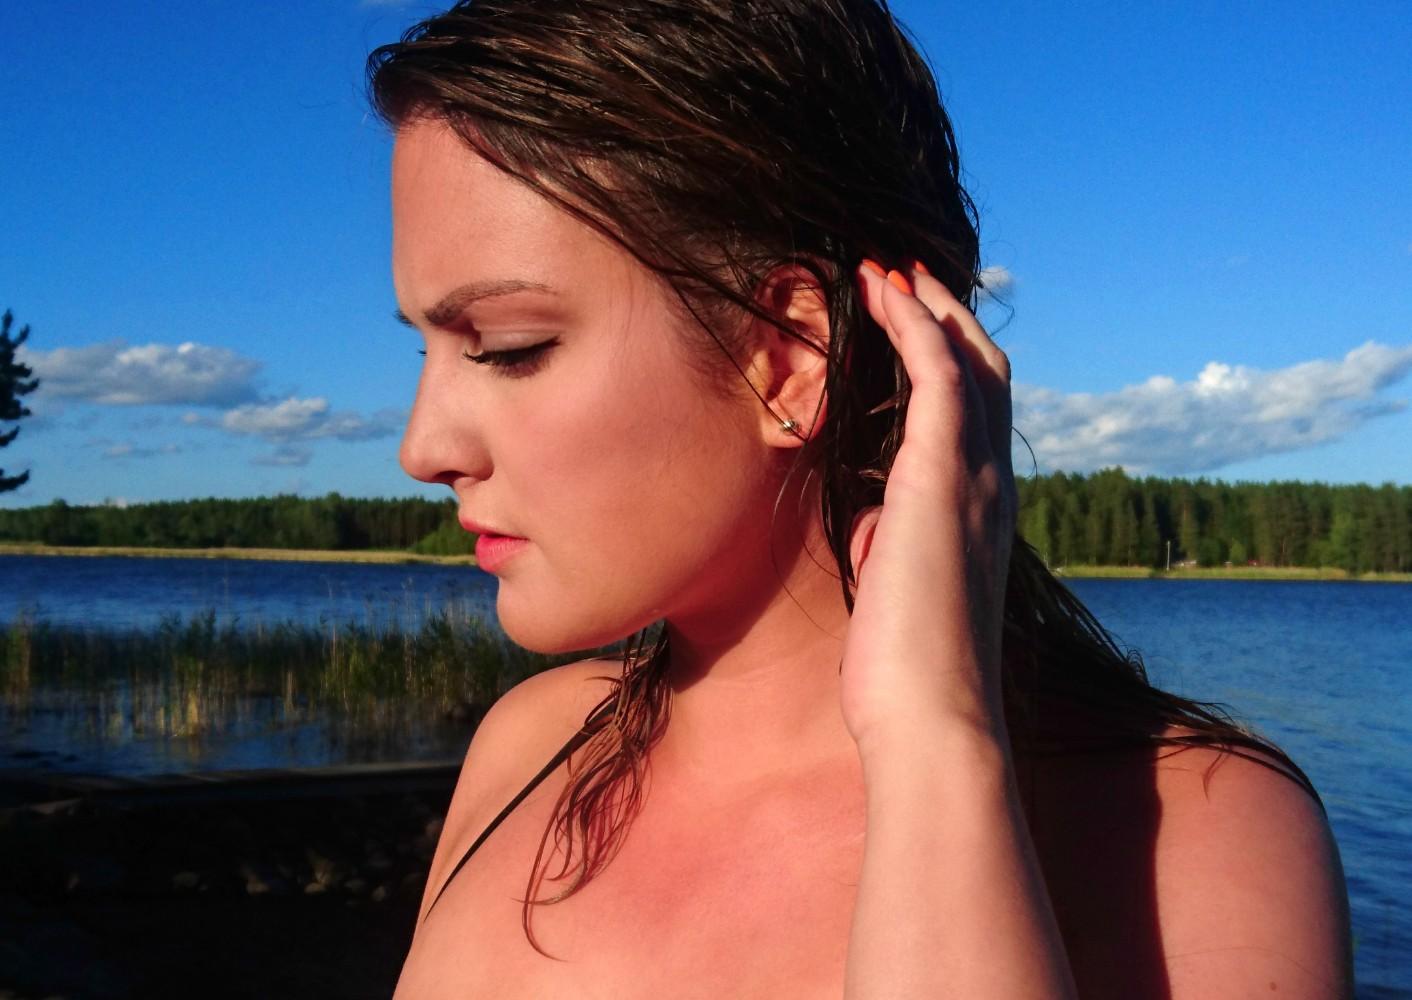 Efter exempelvis ett dopp i det blå så kan du enkelt bättra på pudret när  vattnet torkar i ditt ansikte med den medföljande puderpuffen. 1a579e80841ad